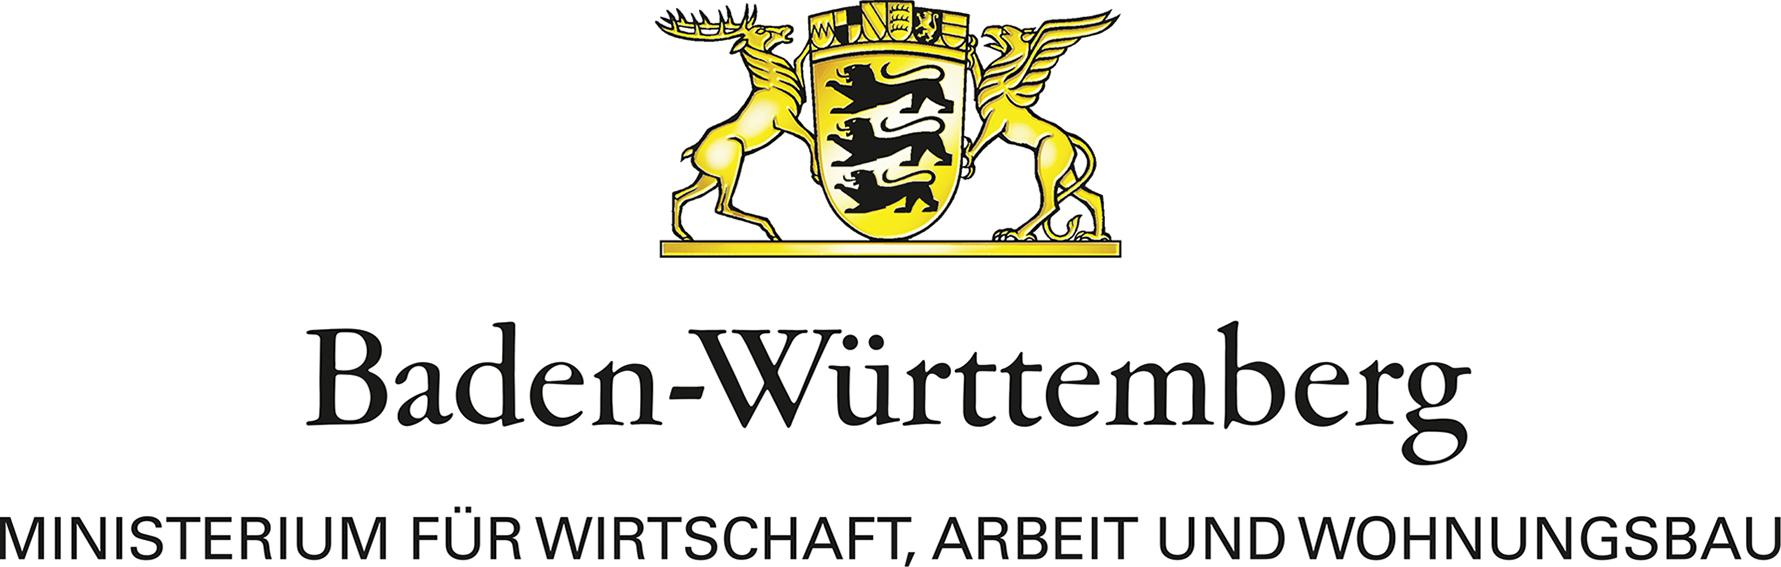 Mnisterium für Wirtschaft, Arbeit und Wohnungsbau des Landes Baden-Württemberg